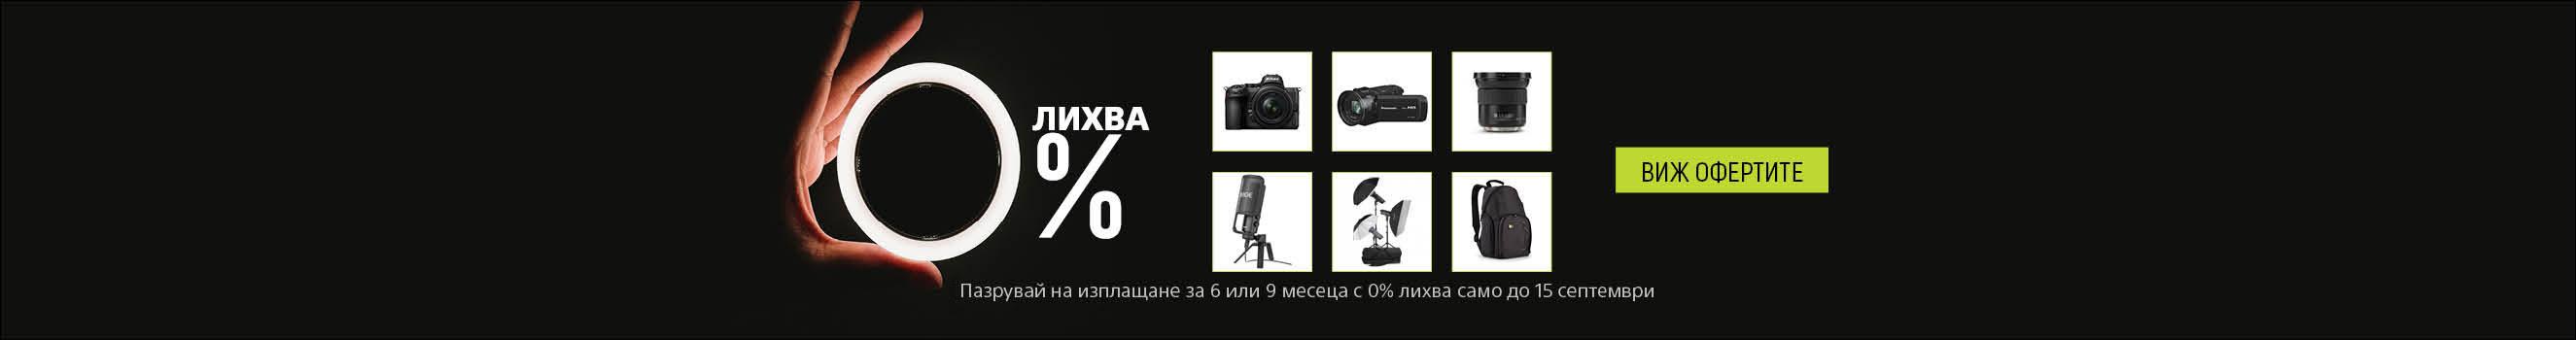 Фотоапарати, обективи, осветление и аксесоари на изплащане без оскъпяване за 6 или 9 месеца в магазини ФотоСинтезис